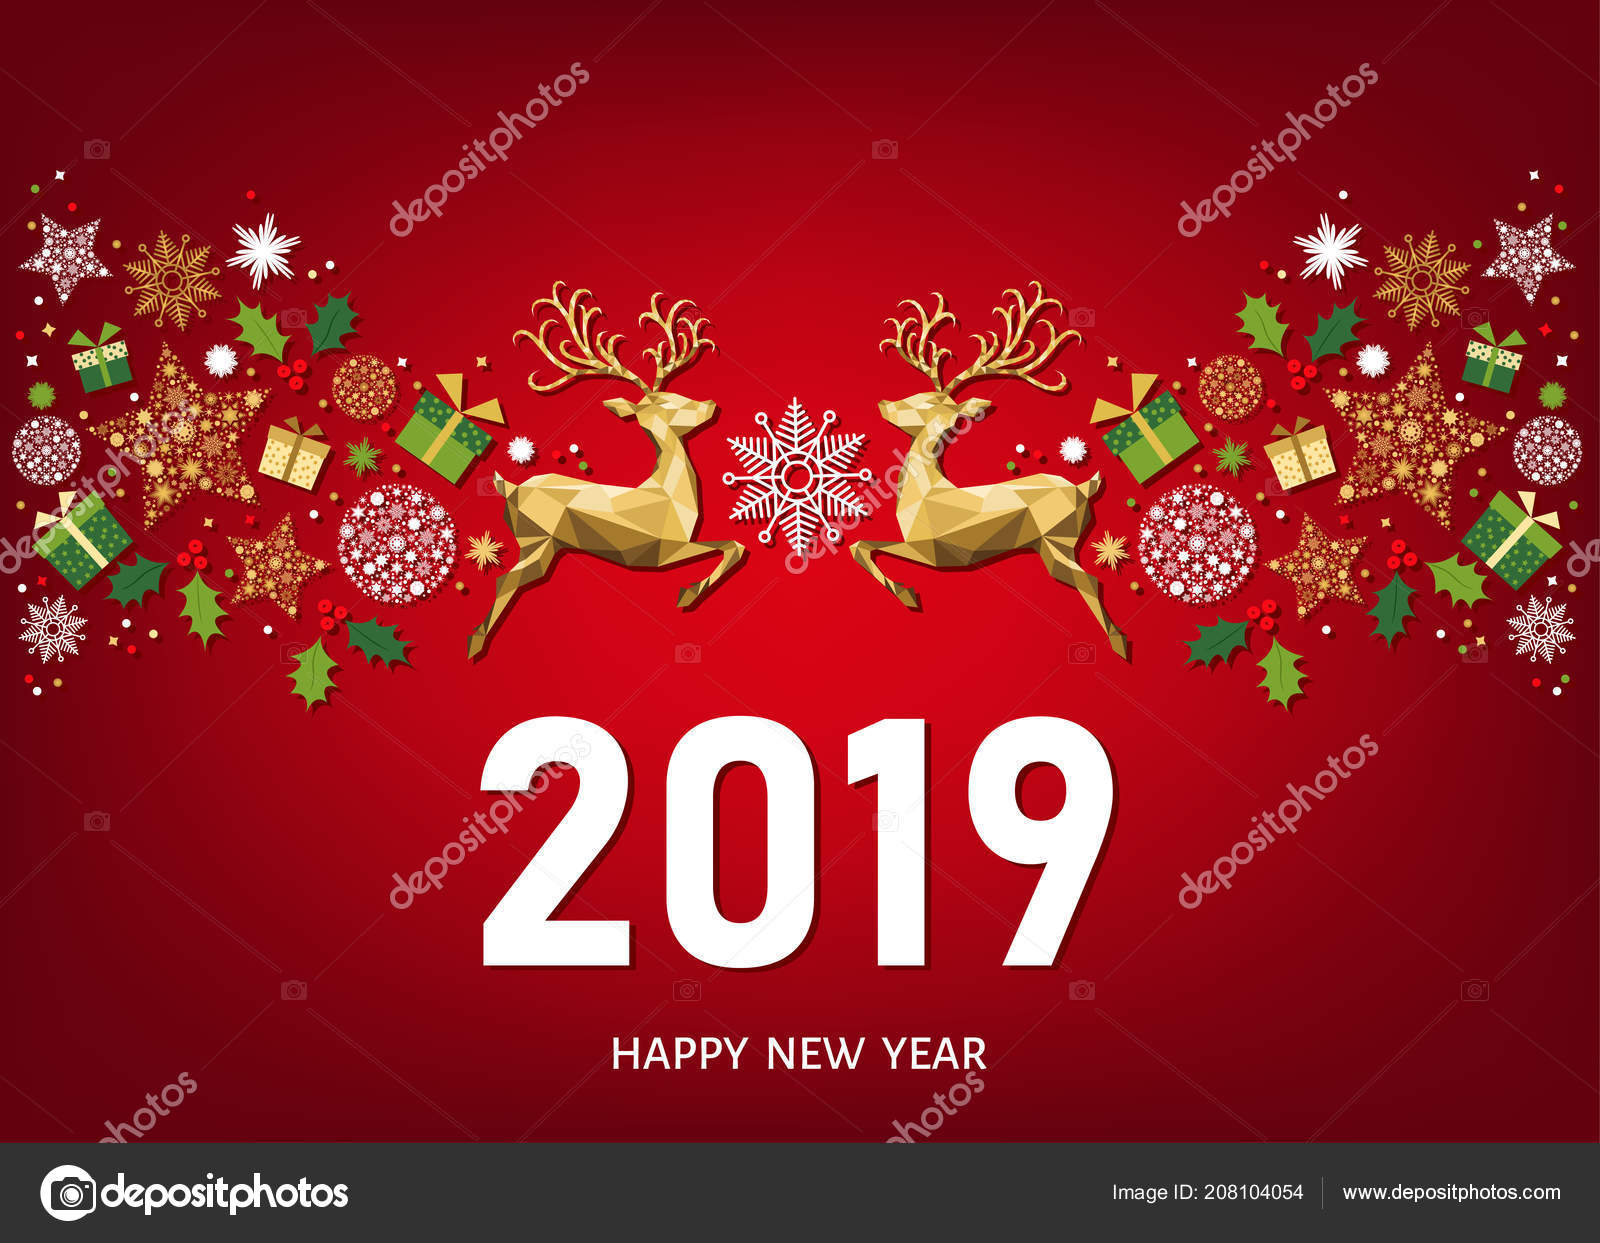 Immagini Auguri Di Natale E Buon Anno.Cartolina Auguri Buon Anno 2019 Sfondo Rosso Con Reticolo Natale